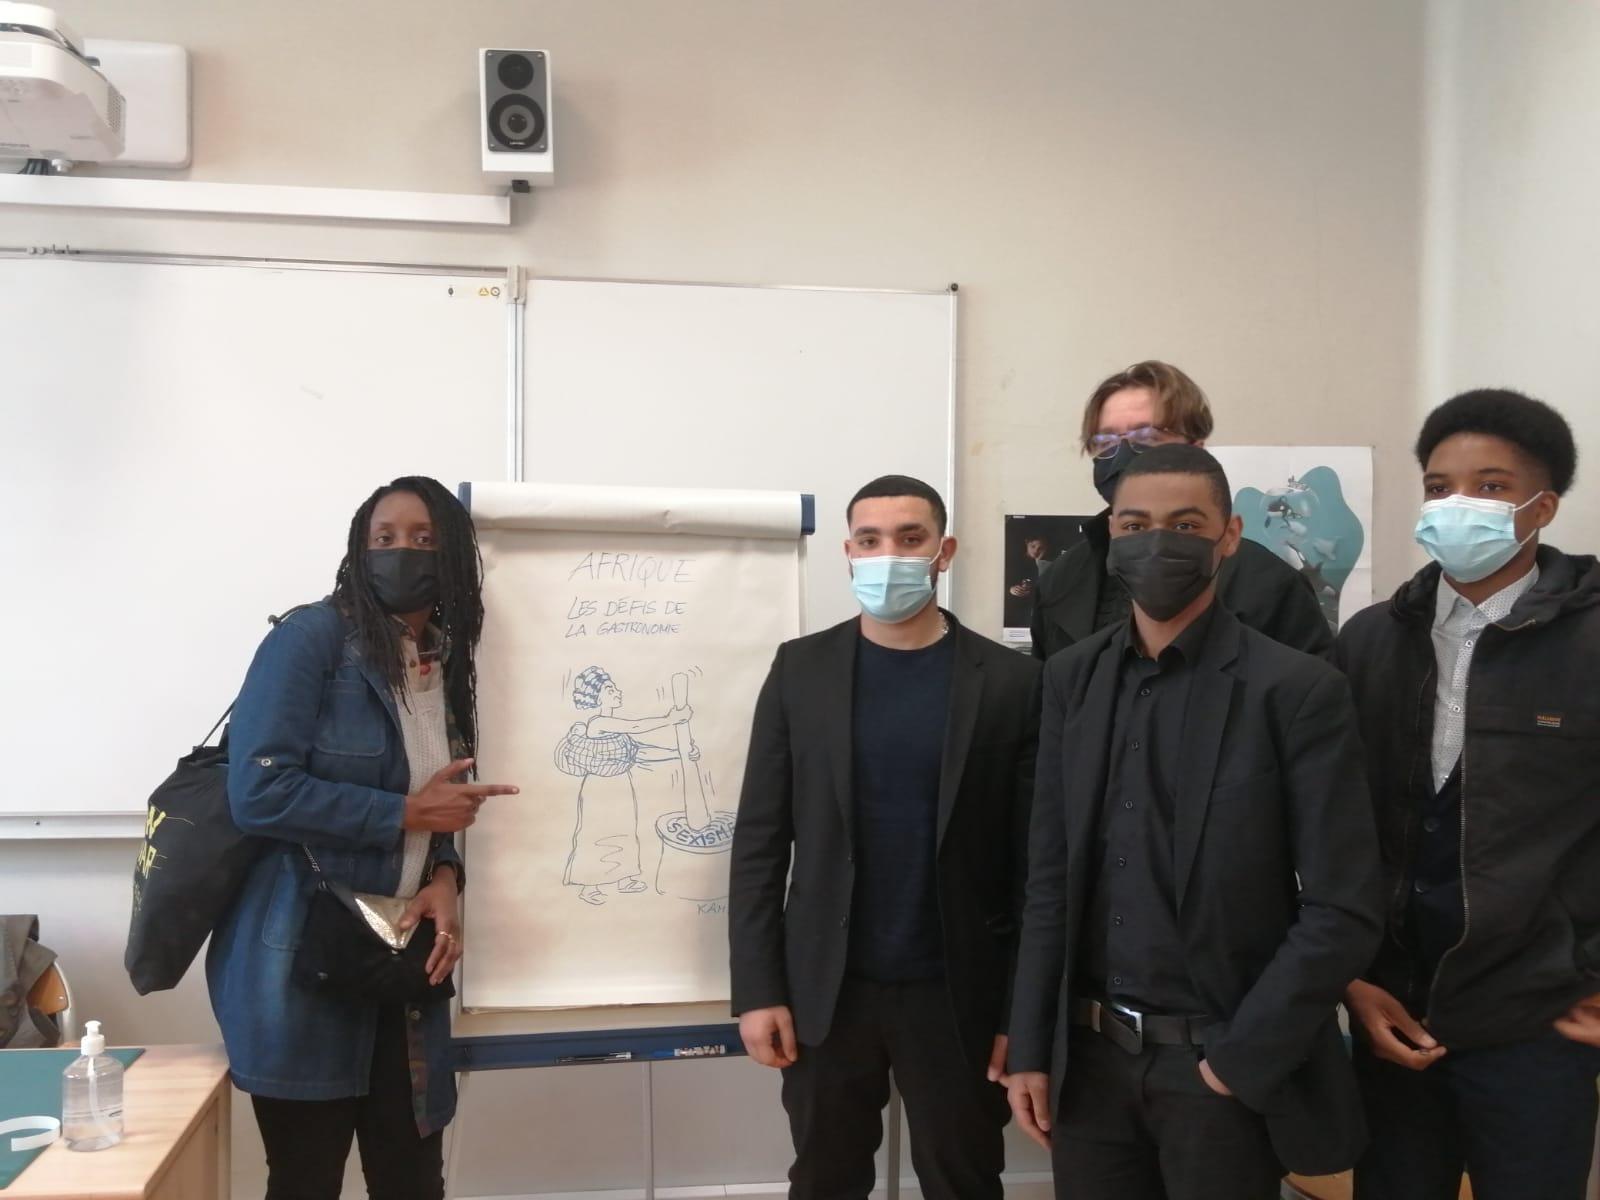 La dessinatrice Kam avec des élèves de l'atelier-rencontre